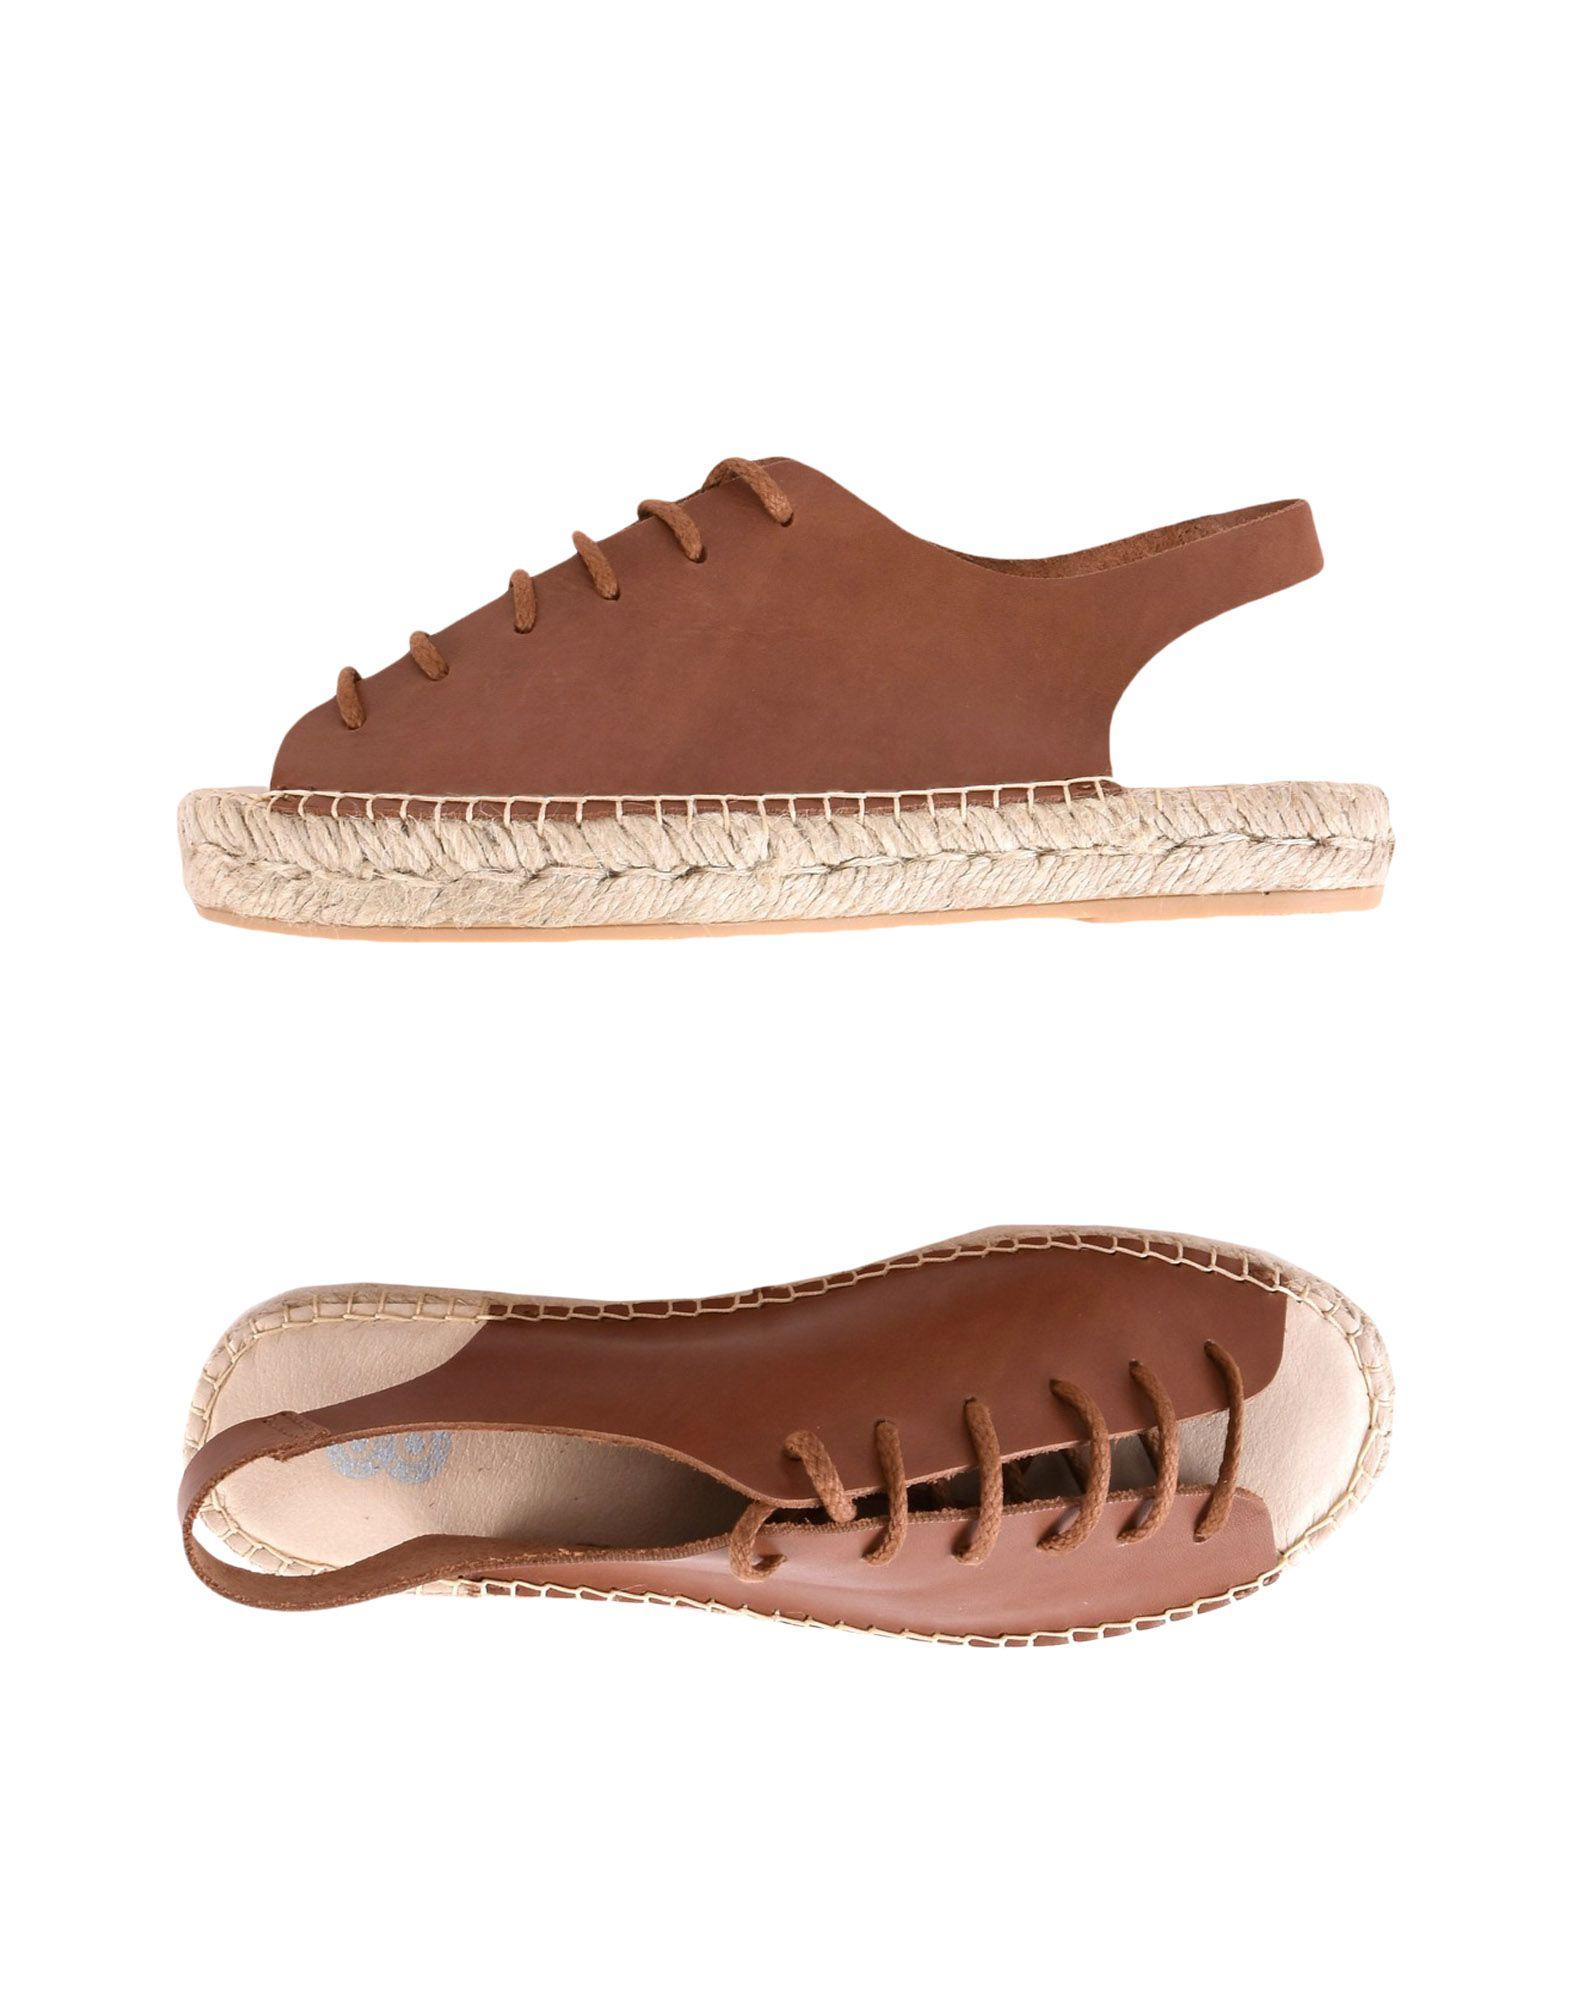 Moda Sandali 8 Donna - 11482872JX 11482872JX - eb43aa